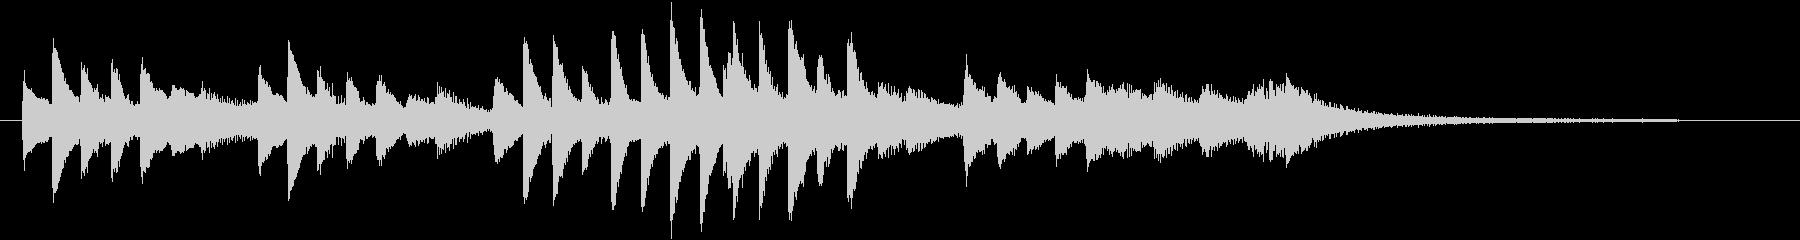 ジングルベルモチーフのピアノジングルDの未再生の波形